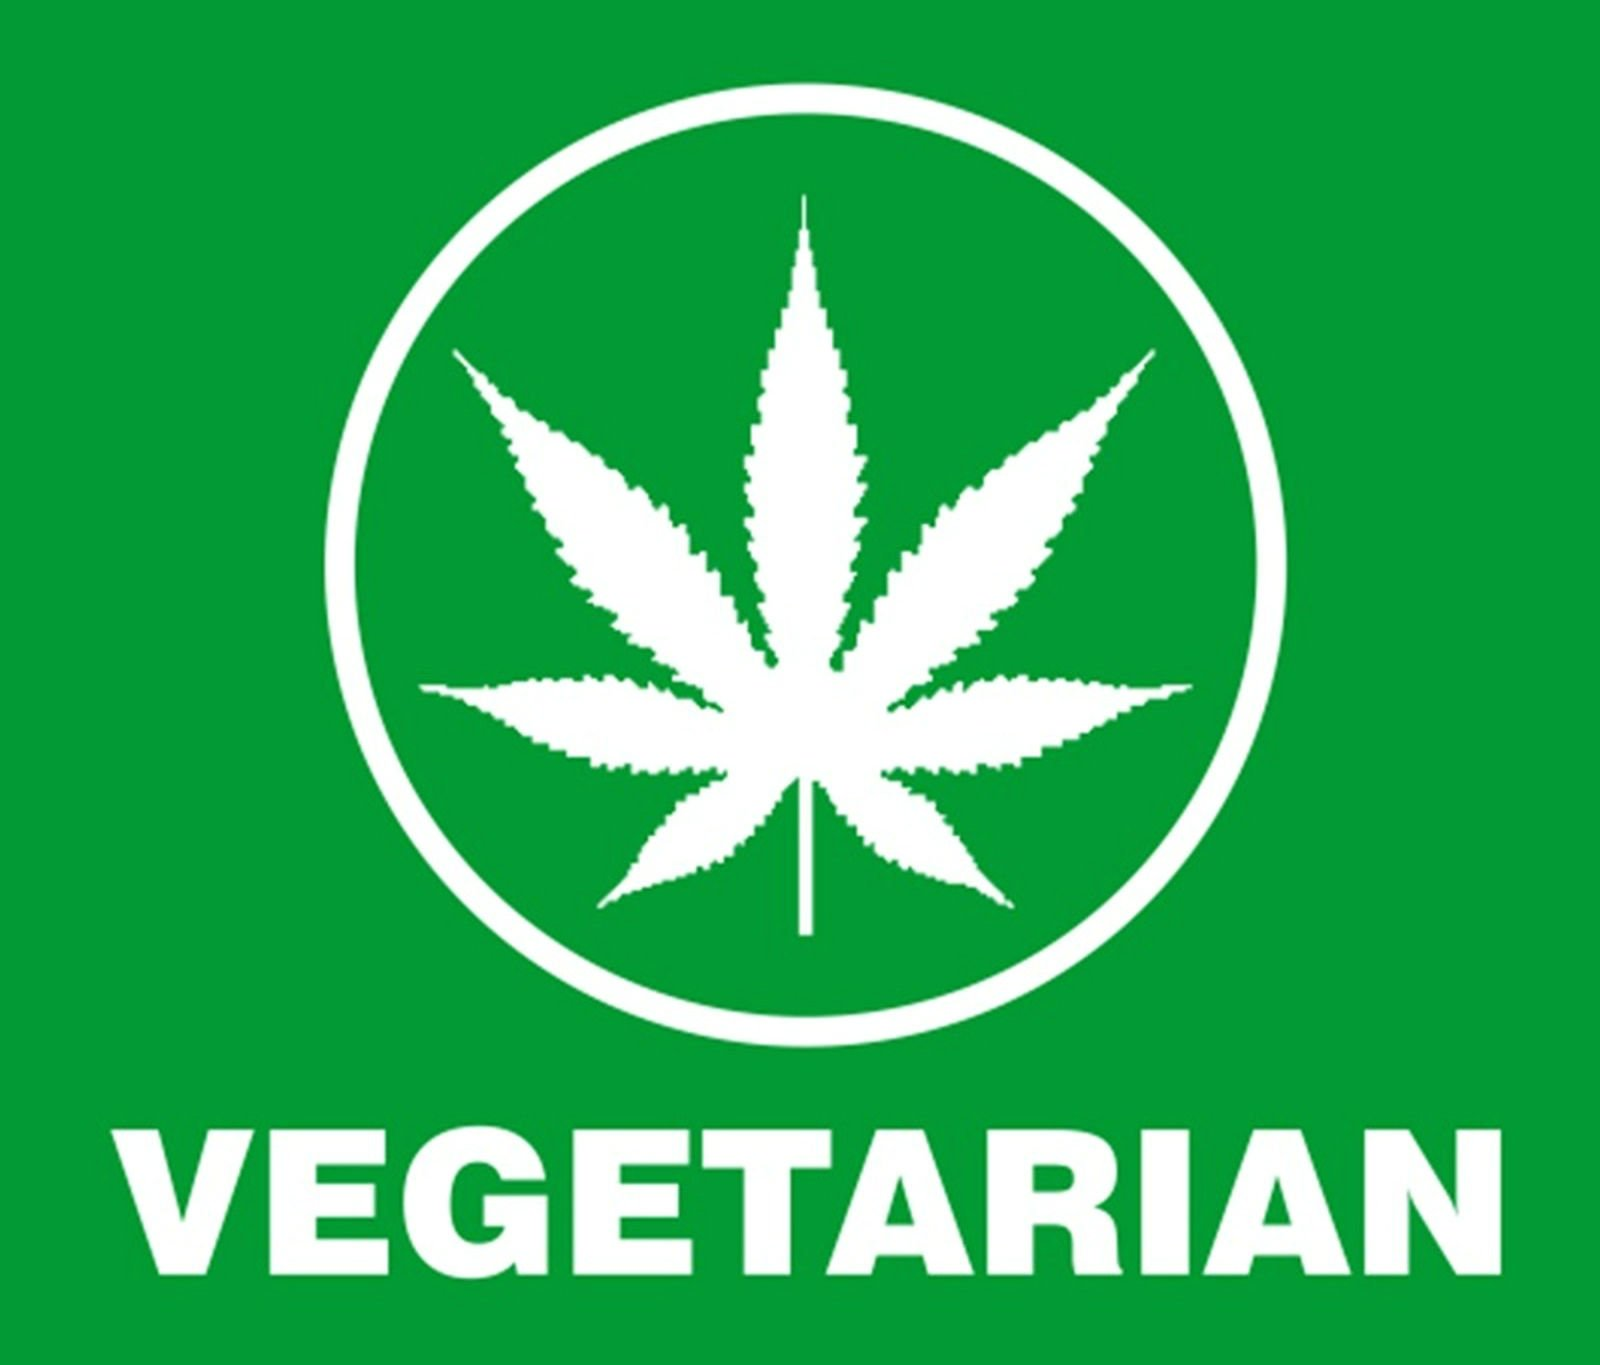 420 Weed Logo - photogram